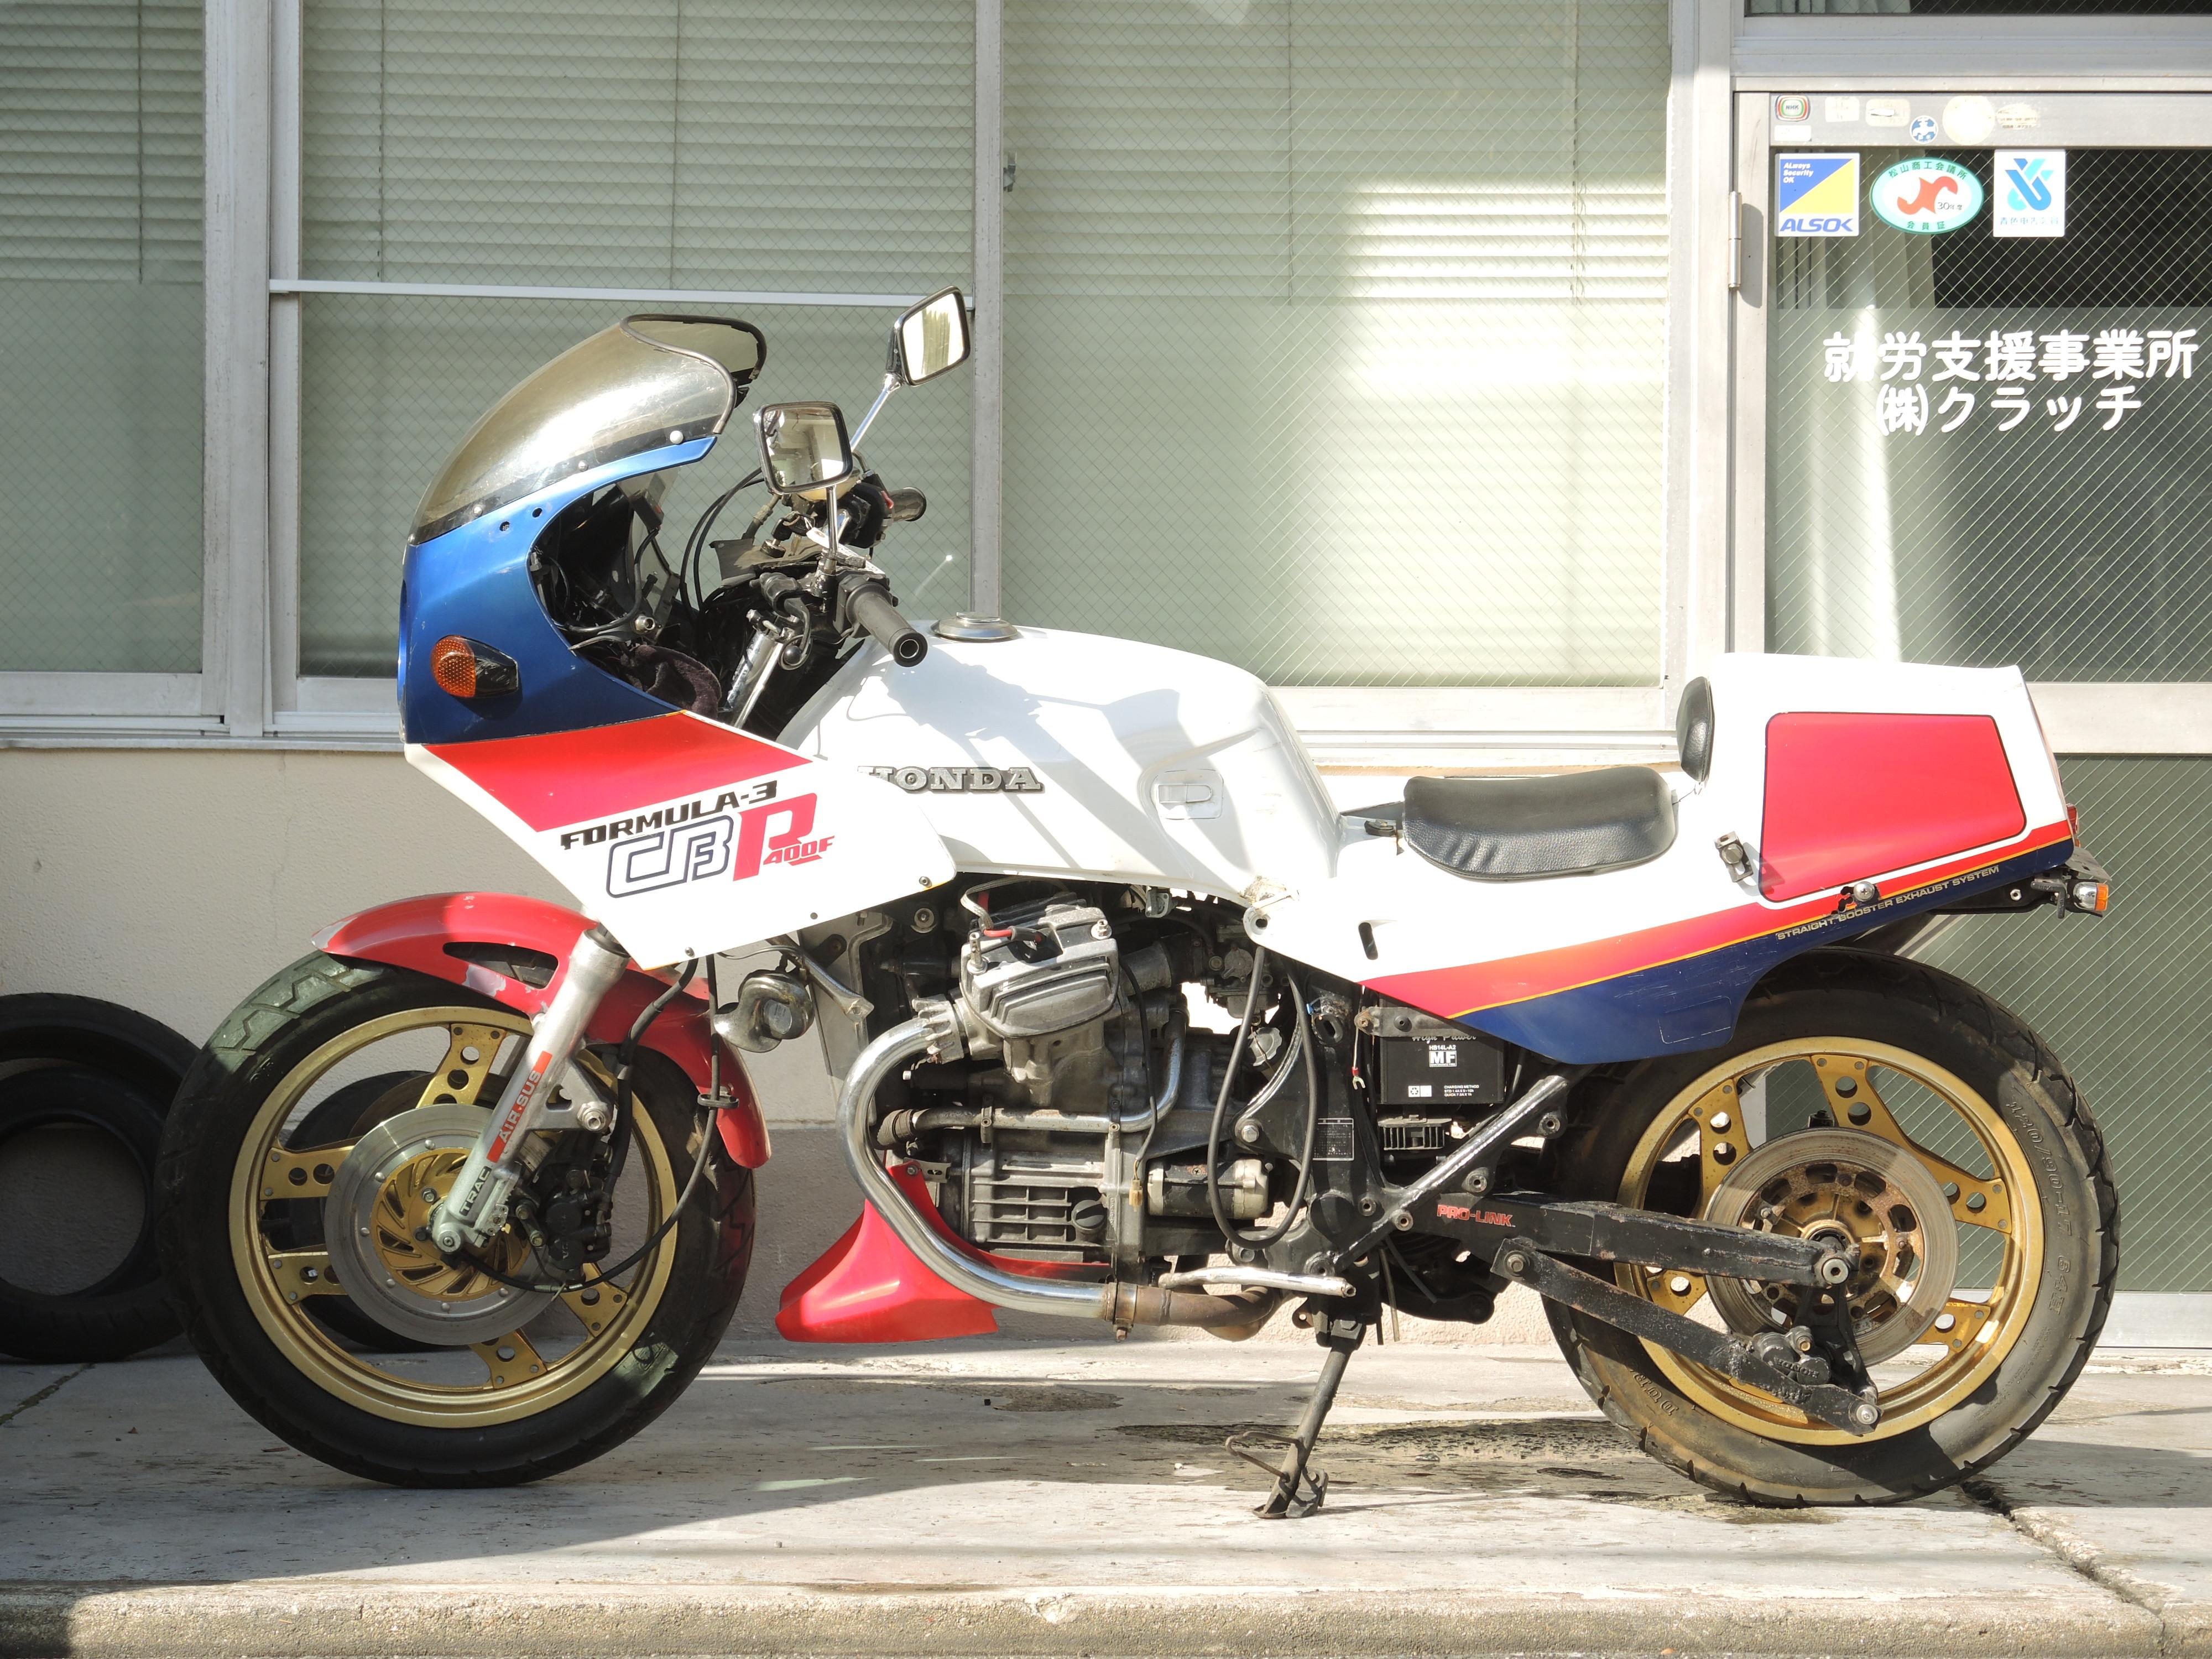 CX400EURO